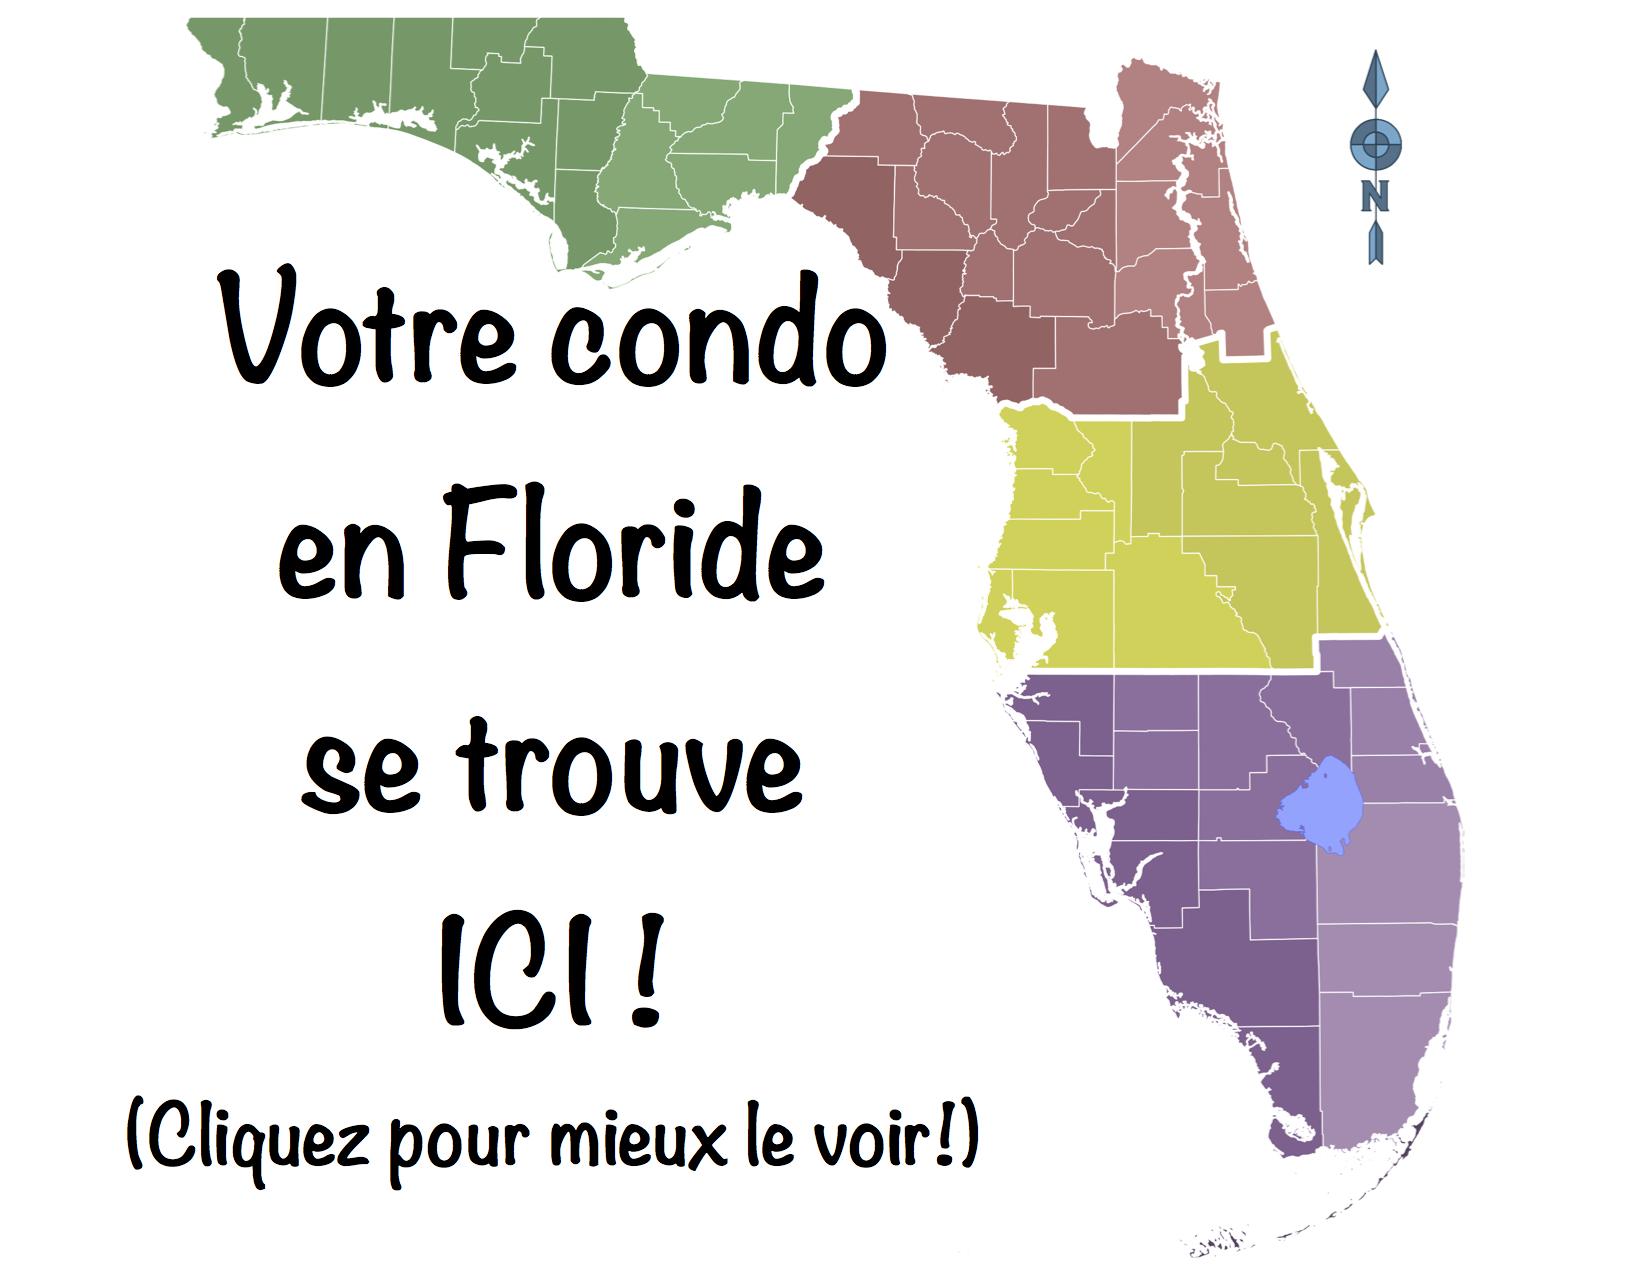 Votre condo en Floride se trouve ICI!